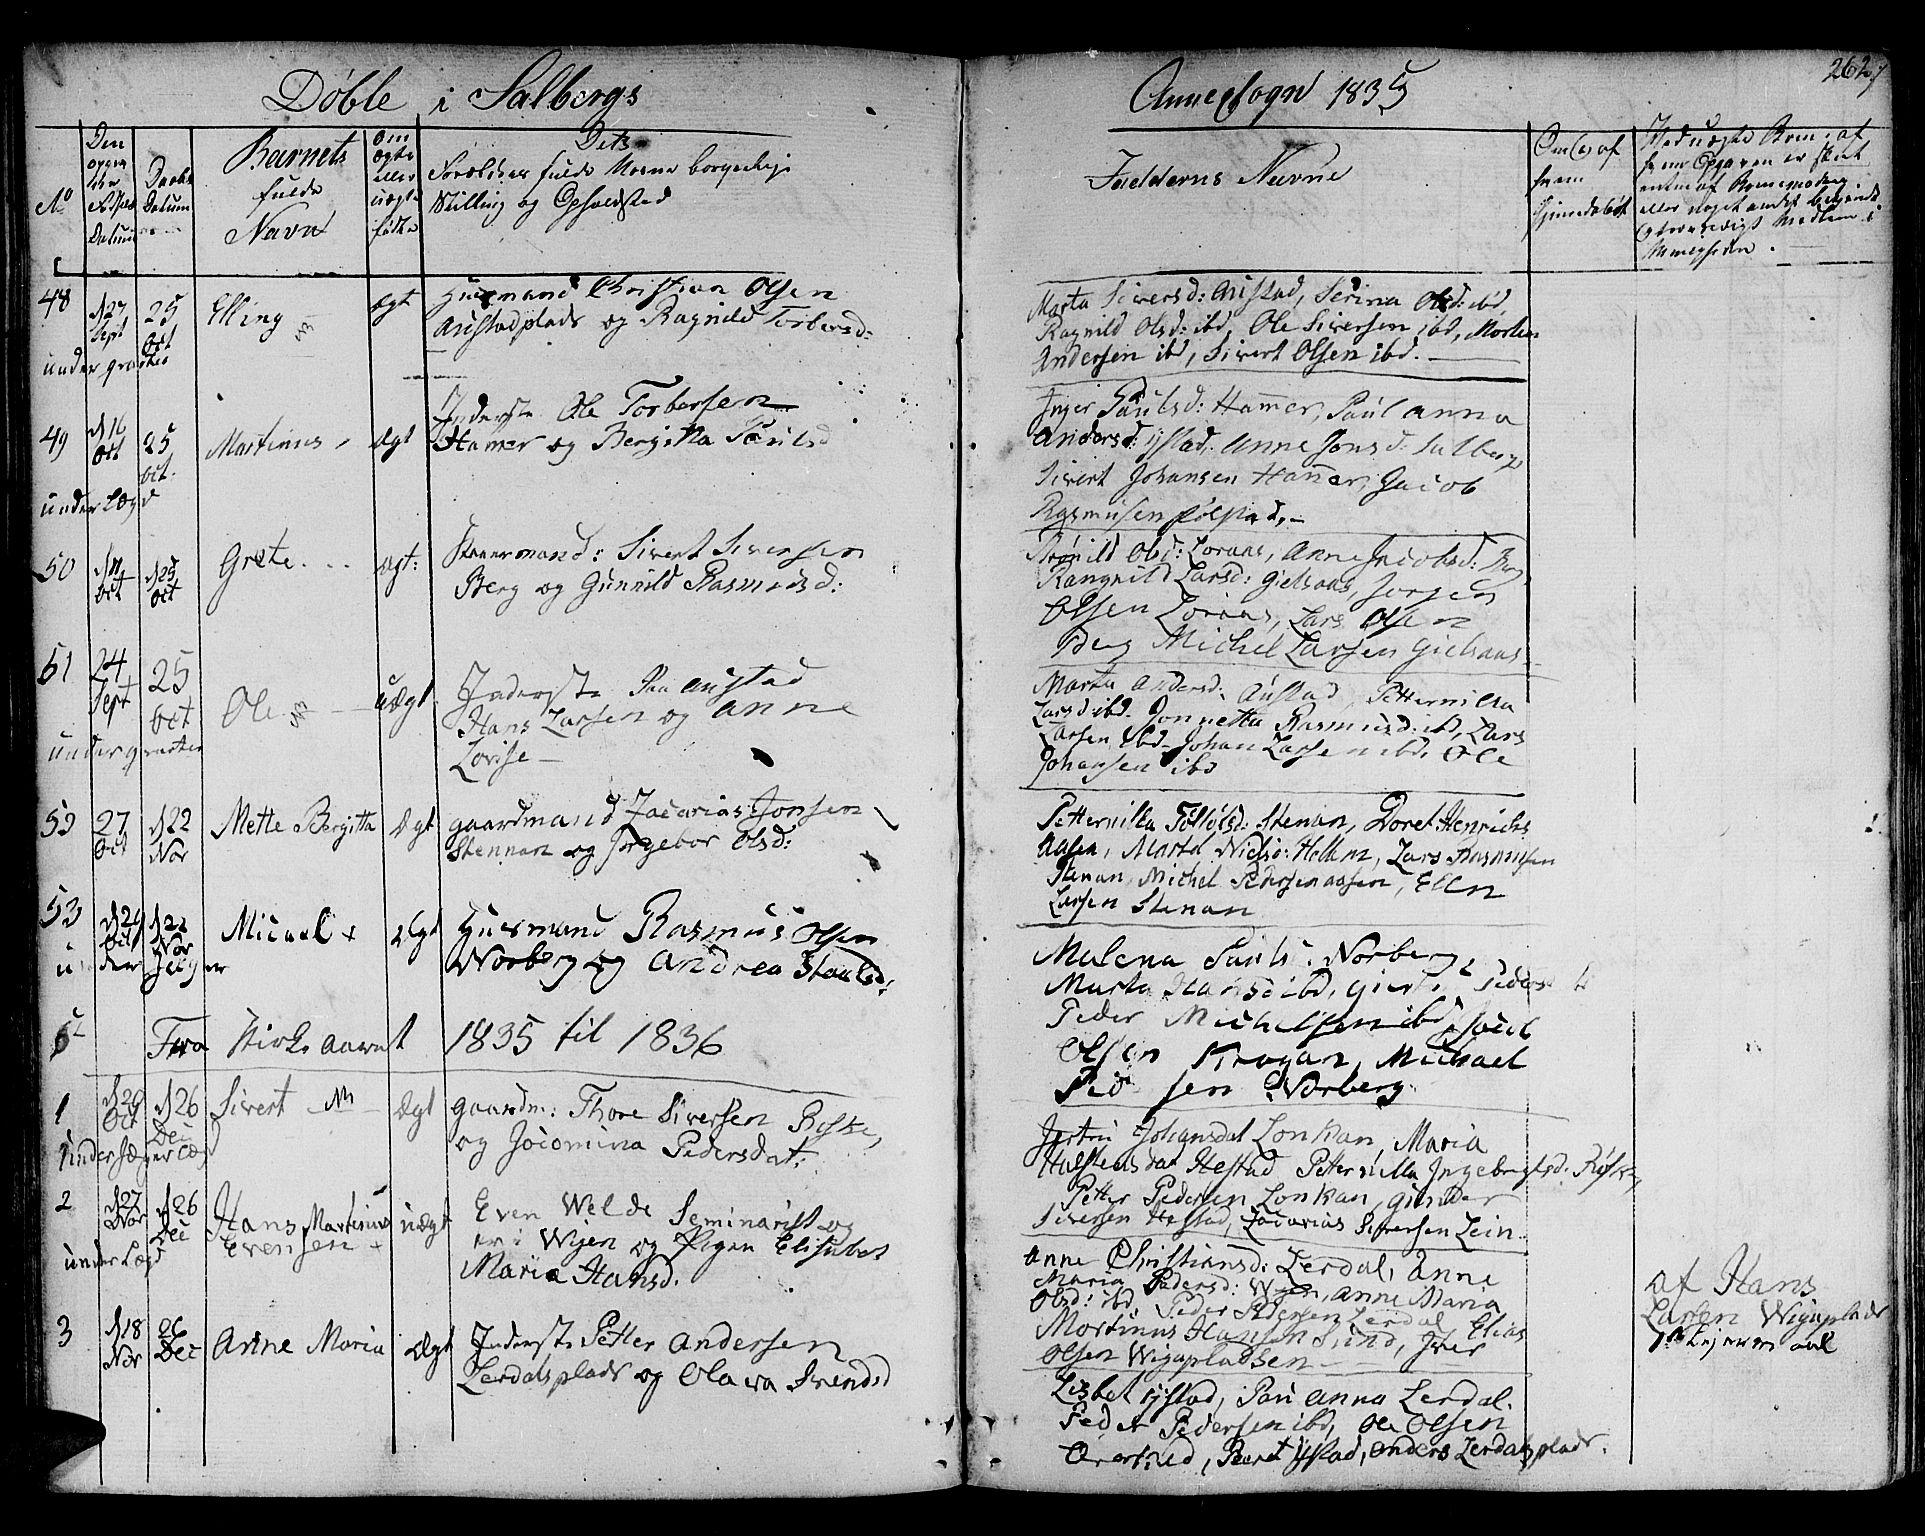 SAT, Ministerialprotokoller, klokkerbøker og fødselsregistre - Nord-Trøndelag, 730/L0277: Ministerialbok nr. 730A06 /2, 1831-1839, s. 262